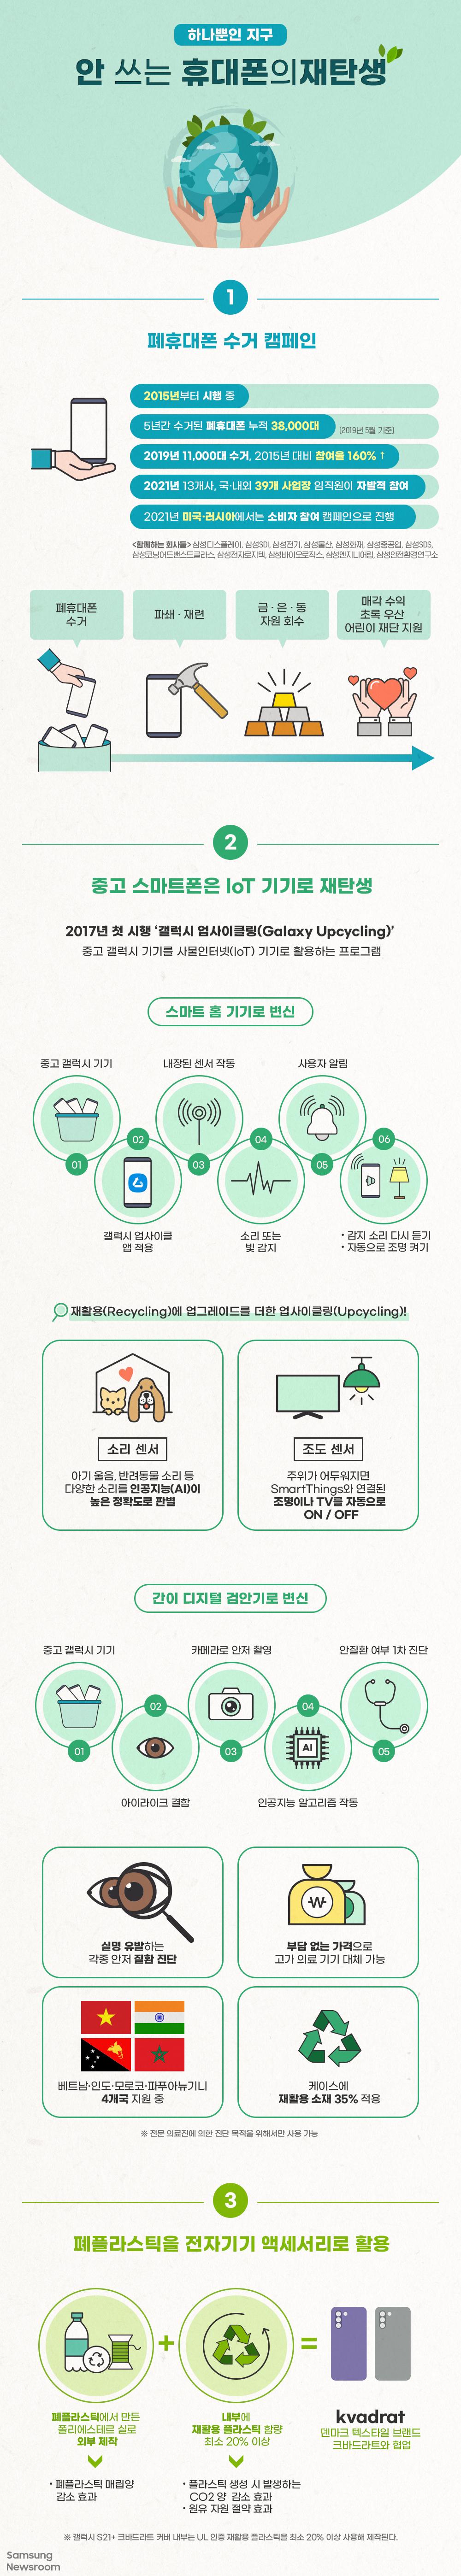 하나뿐인 지구 안 쓰는 휴대폰의 재탄생 1. 폐휴대폰 수거 캠페인 2015년부터 시행 중 5년간 수거된 폐휴대폰 누적 38,000대(2019년 5월 기준) 2019년 11,000대 수거, 2015년 대비 참여율 160% ↑ 2021년 13개사, 국내외 39개 사업장 임직원이 자발적 참여 2021년 미국·러시아에서는 소비자 참여 캠페인으로 진행 삼성디스플레이, 삼성 SDI, 삼성전기, 삼성물산, 삼성화재, 삼성중공업, 삼성SDS, 삼성코닝어드밴스드글라스, 로지텍, 삼성바이오로직스, 삼성엔지니어링, 삼성안전환경연구소 폐휴대폰 수거 > 파쇄·재련 > 금·은·동 자원 회수 > 매각 수익 초록 우산 어린이 재단 지원 2) 중고 스마트폰은 IoT 기기로 재탄생 2017년 첫 시행 '갤럭시 업사이클링(Galaxy Upcycling)' 중고 갤럭시 기기를 사물인터넷(IoT) 기기로 활용하는 프로그램 스마트 홈 기기로 변신 01 중고 갤럭시 기기 02 갤럭시 업사이클 앱 적용 03 내장된 센서 작동 04 소리 또는 빛 감지 05 사용자 알림 06 감지 소리 다시 듣기, 자동으로 조명 켜기 재활용(Recycling)에 업그레이드를 더한 업사이클링(Upcycling)! 소리 센서 / 아기 울음, 반려동물 소리 등 다양한 소리를 인공지능(AI)이 높은 정확도로 판별 조도 센서 / 주위가 어두워지면 SmartThings와 연견된 조명이나 TV를 자동을 ON / OFF 간이 디지털 검안기로 변신 01 중고 갤럭시 기기 02 아이라이크 결합 03 카메라로 안저 촬영 04 인공지능 알고리즘 작동 05 안질환 여부 1차 진단 실명 유발하는 각종 안저 질환 진단 / 부담 없는 가격으로 고가 의료 기기 대체 가능 / 베트남·인도·모로코·파푸아뉴기니 4개국 지원 중 / 케이스에 재활용 소재 35% 적용 *전문 의료진에 의한 진단 목적을 위해서만 사용 가능 3) 폐플라스틱을 전자기기 액세서리로 활용 폐플라스틱에서 만든 폴리에스테르 실로 외부 제작(폐플라스틱 매립양 감소 효과) +내부에 재활용 플라스틱 함량 최소 20% 이상 (플라스틱 생성 시 발생하는 CO2양 감소 효과, 원유 자원 절약 효과) =kvadrat 덴마크 텍스타일 브랜드 크바드라트와 협업 *갤럭시 S21+ 크바드라트 커버 내부는 UL 인증 재활용 플라스틱을 최소 20% 이상 사용해 제작된다.